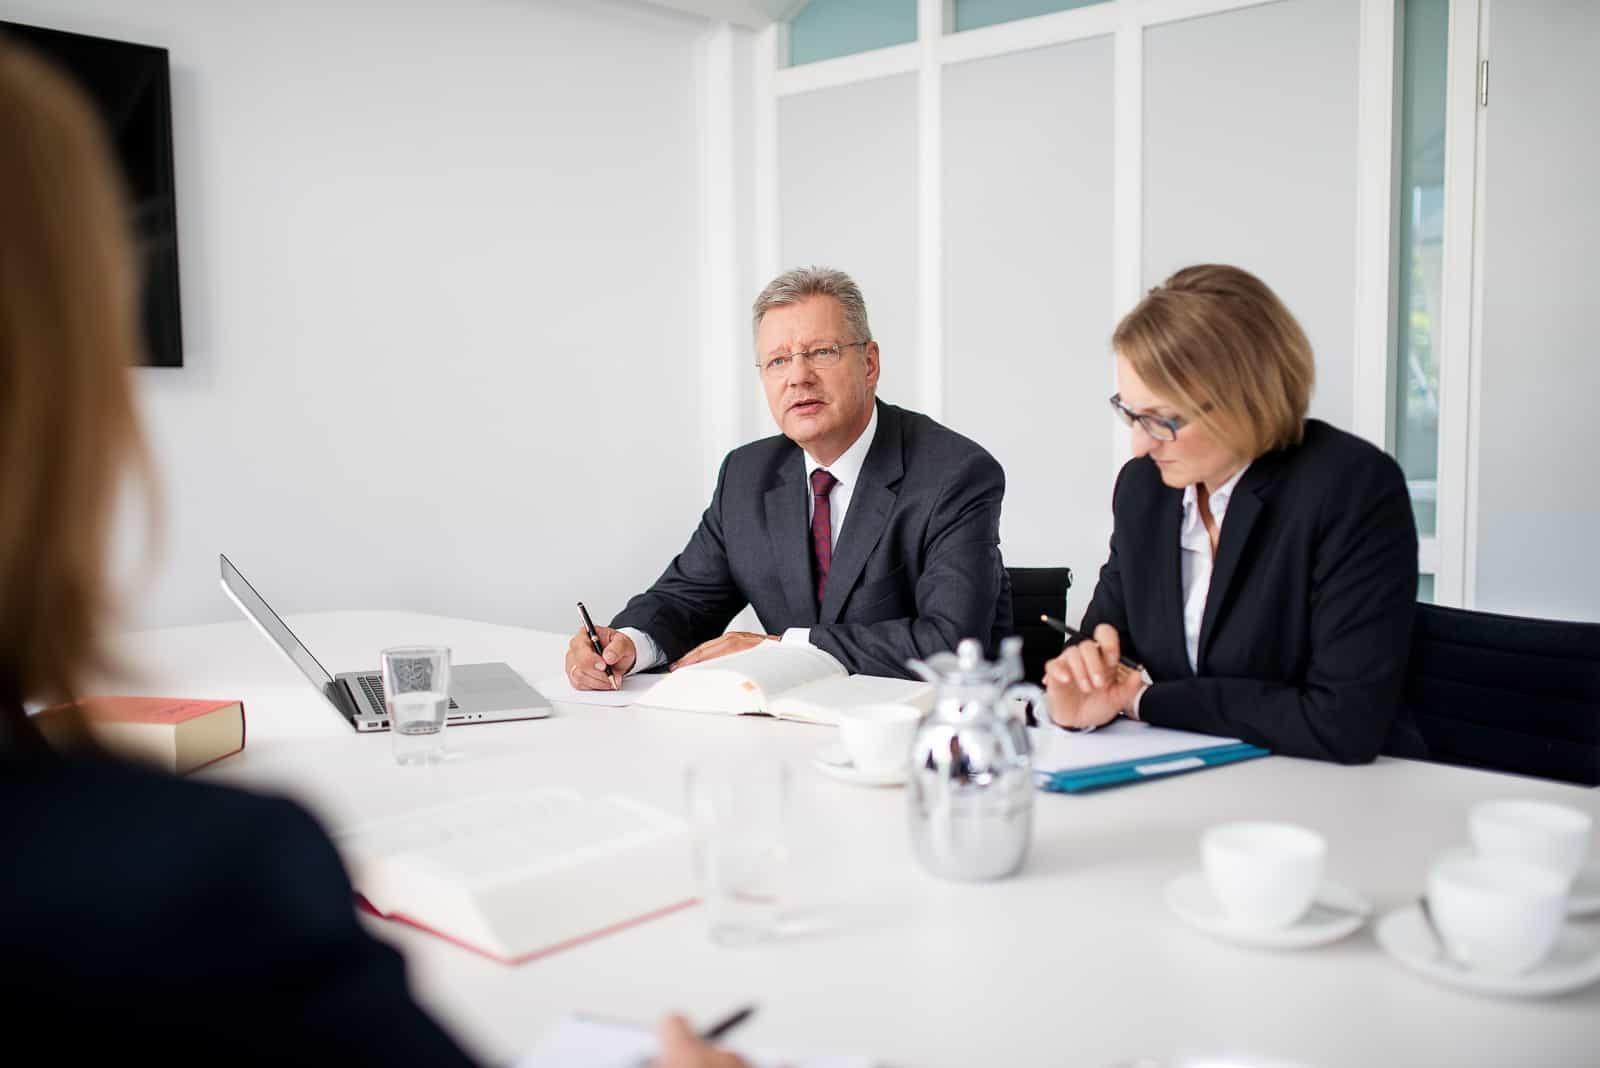 business-fotograf-rechtsanwalt-kanzlei-hamburg-03